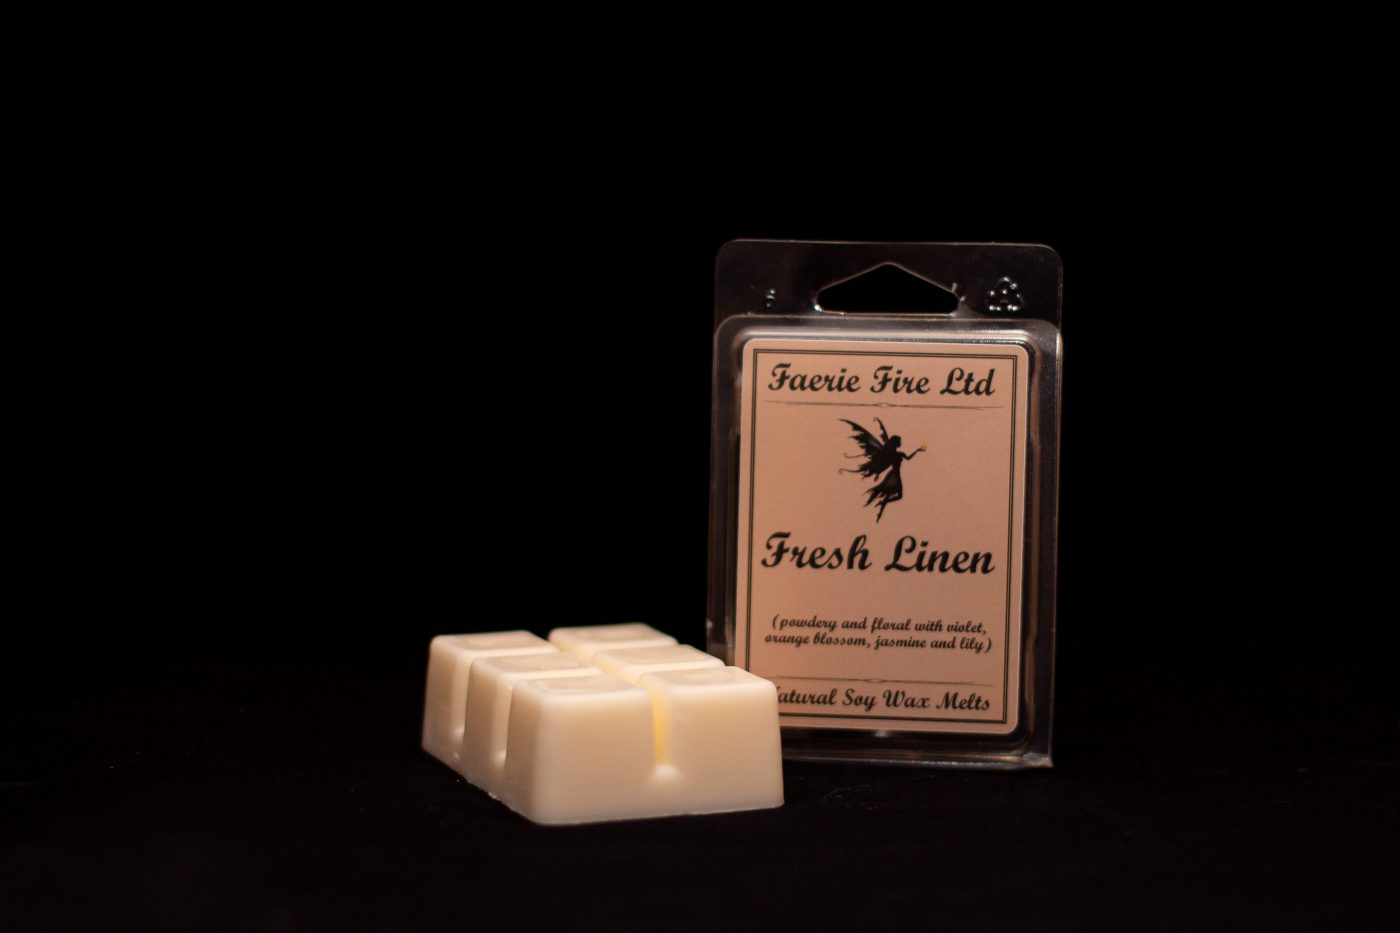 Fresh Linen Clam Shell wax melts